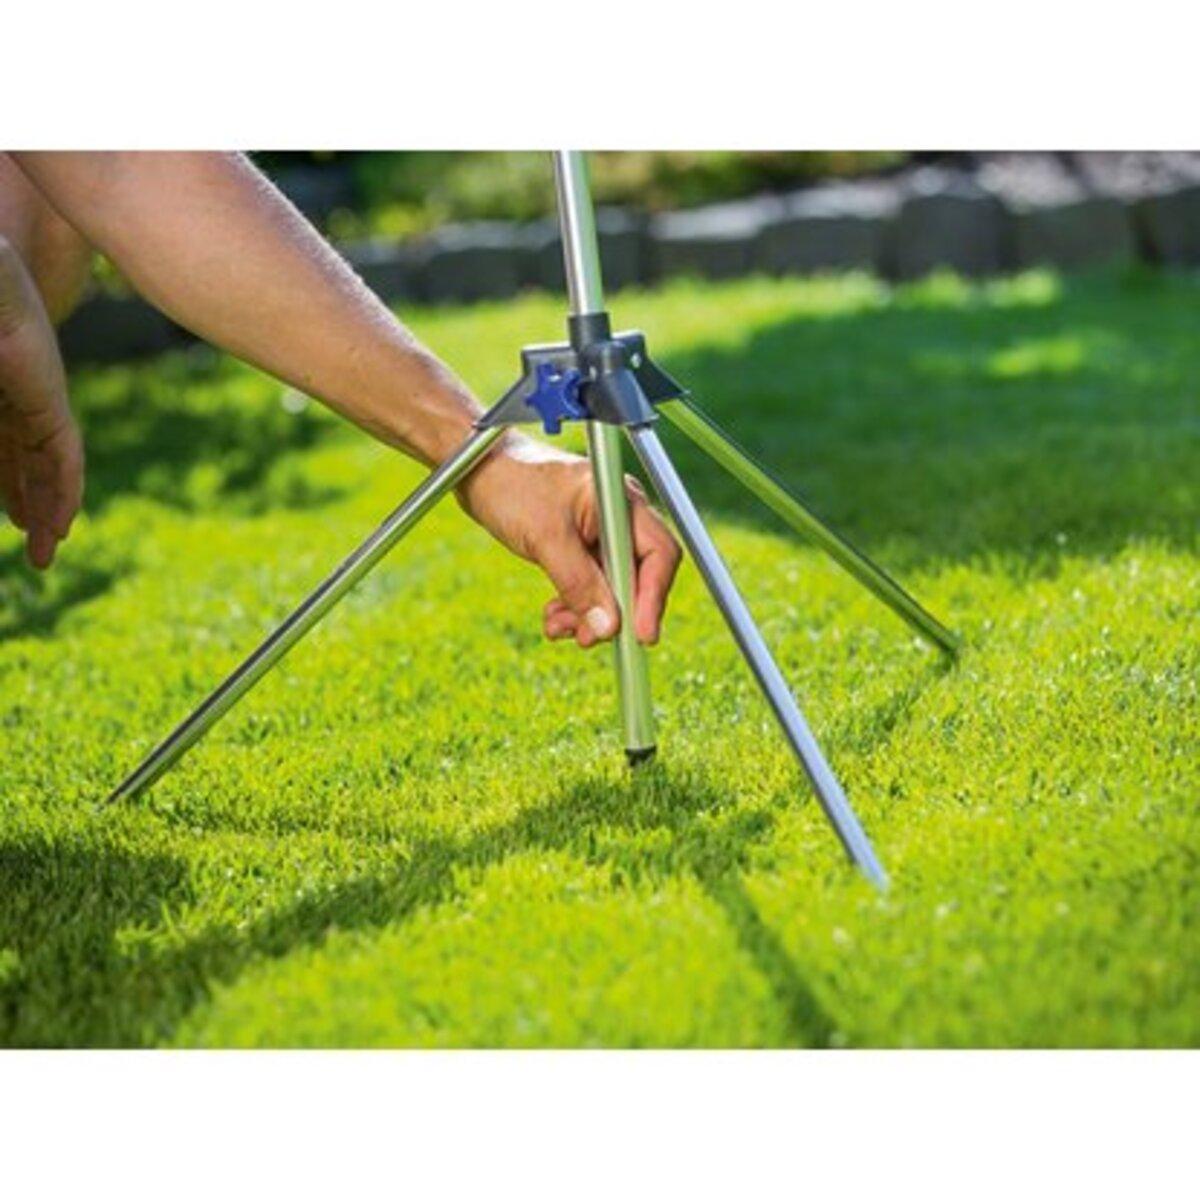 Bild 3 von LUX Gartendusche